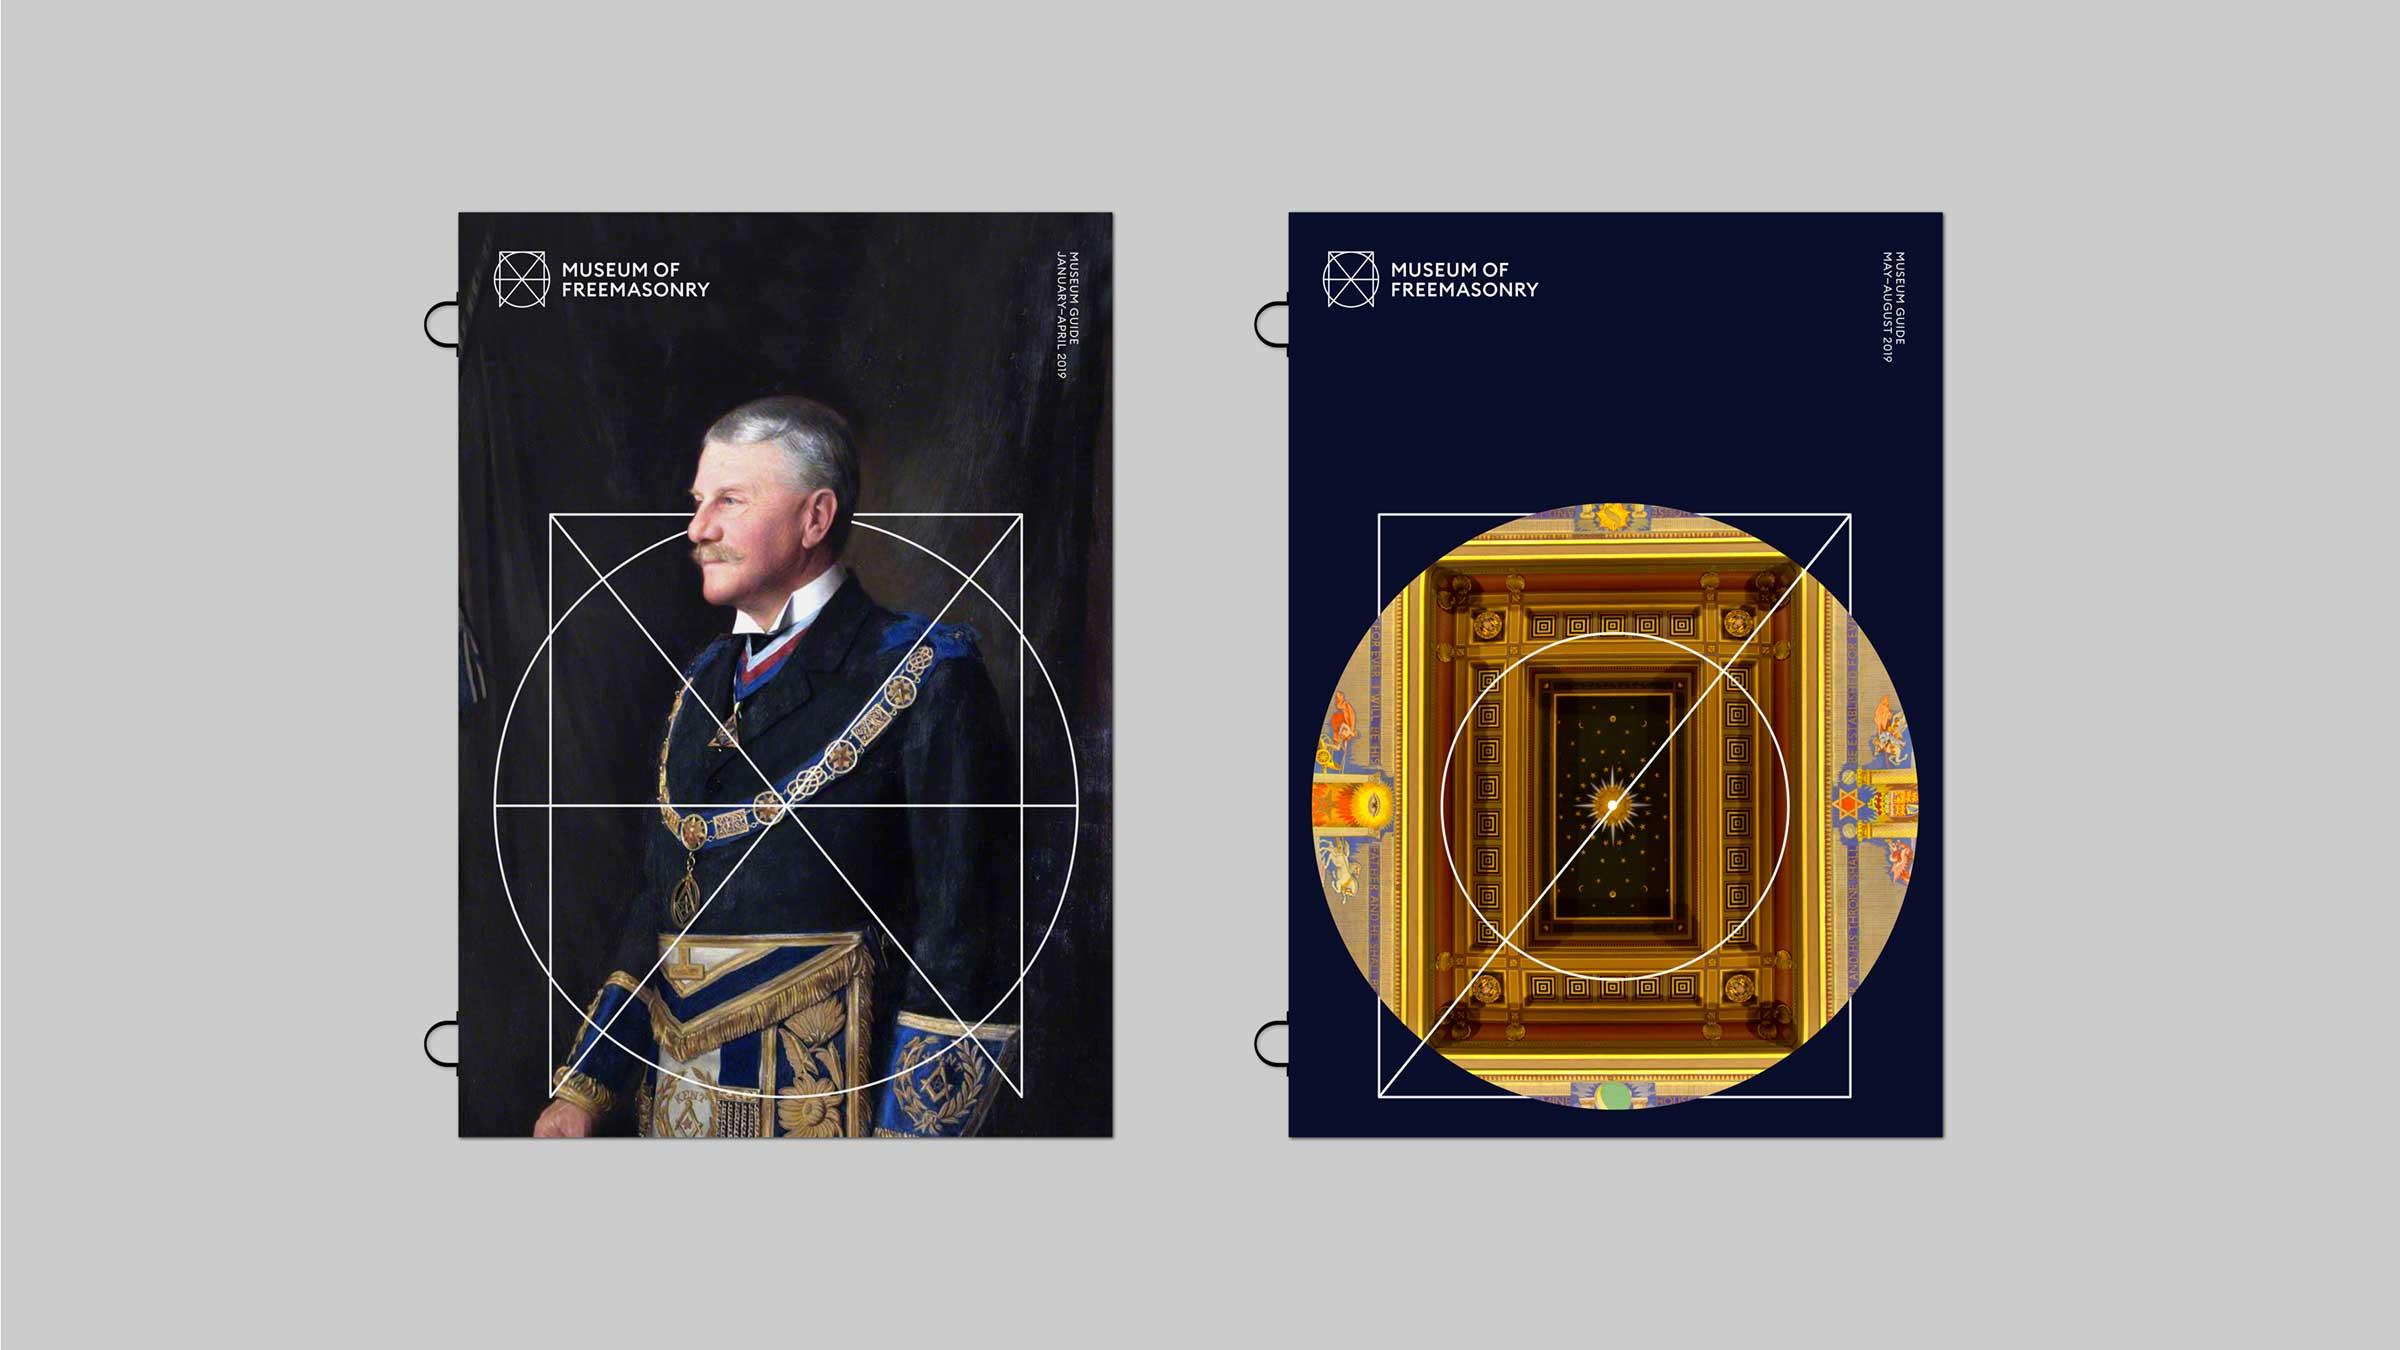 Museum-of-freemasonry-guides-3